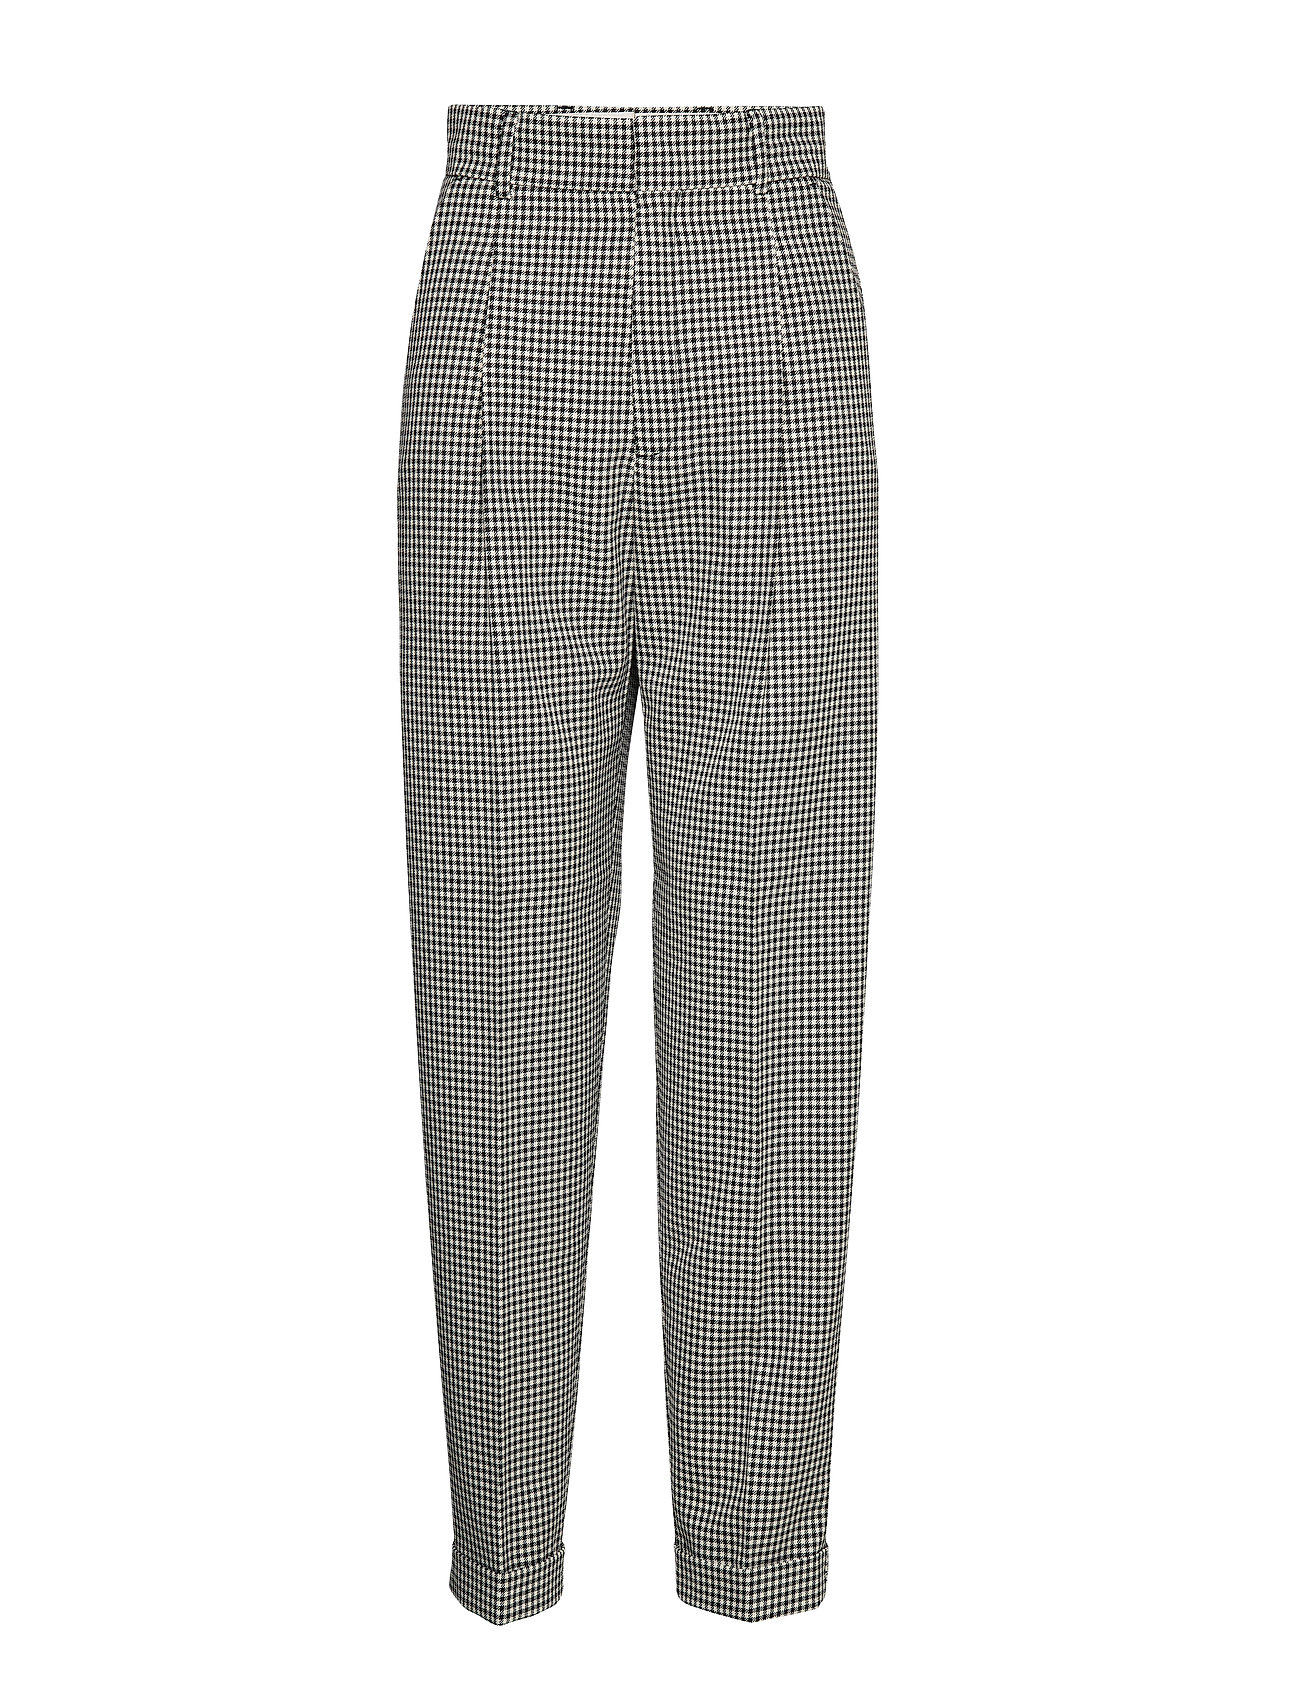 Image of Star Trousers Bukser Med Lige Ben Sort Hope (3225632263)